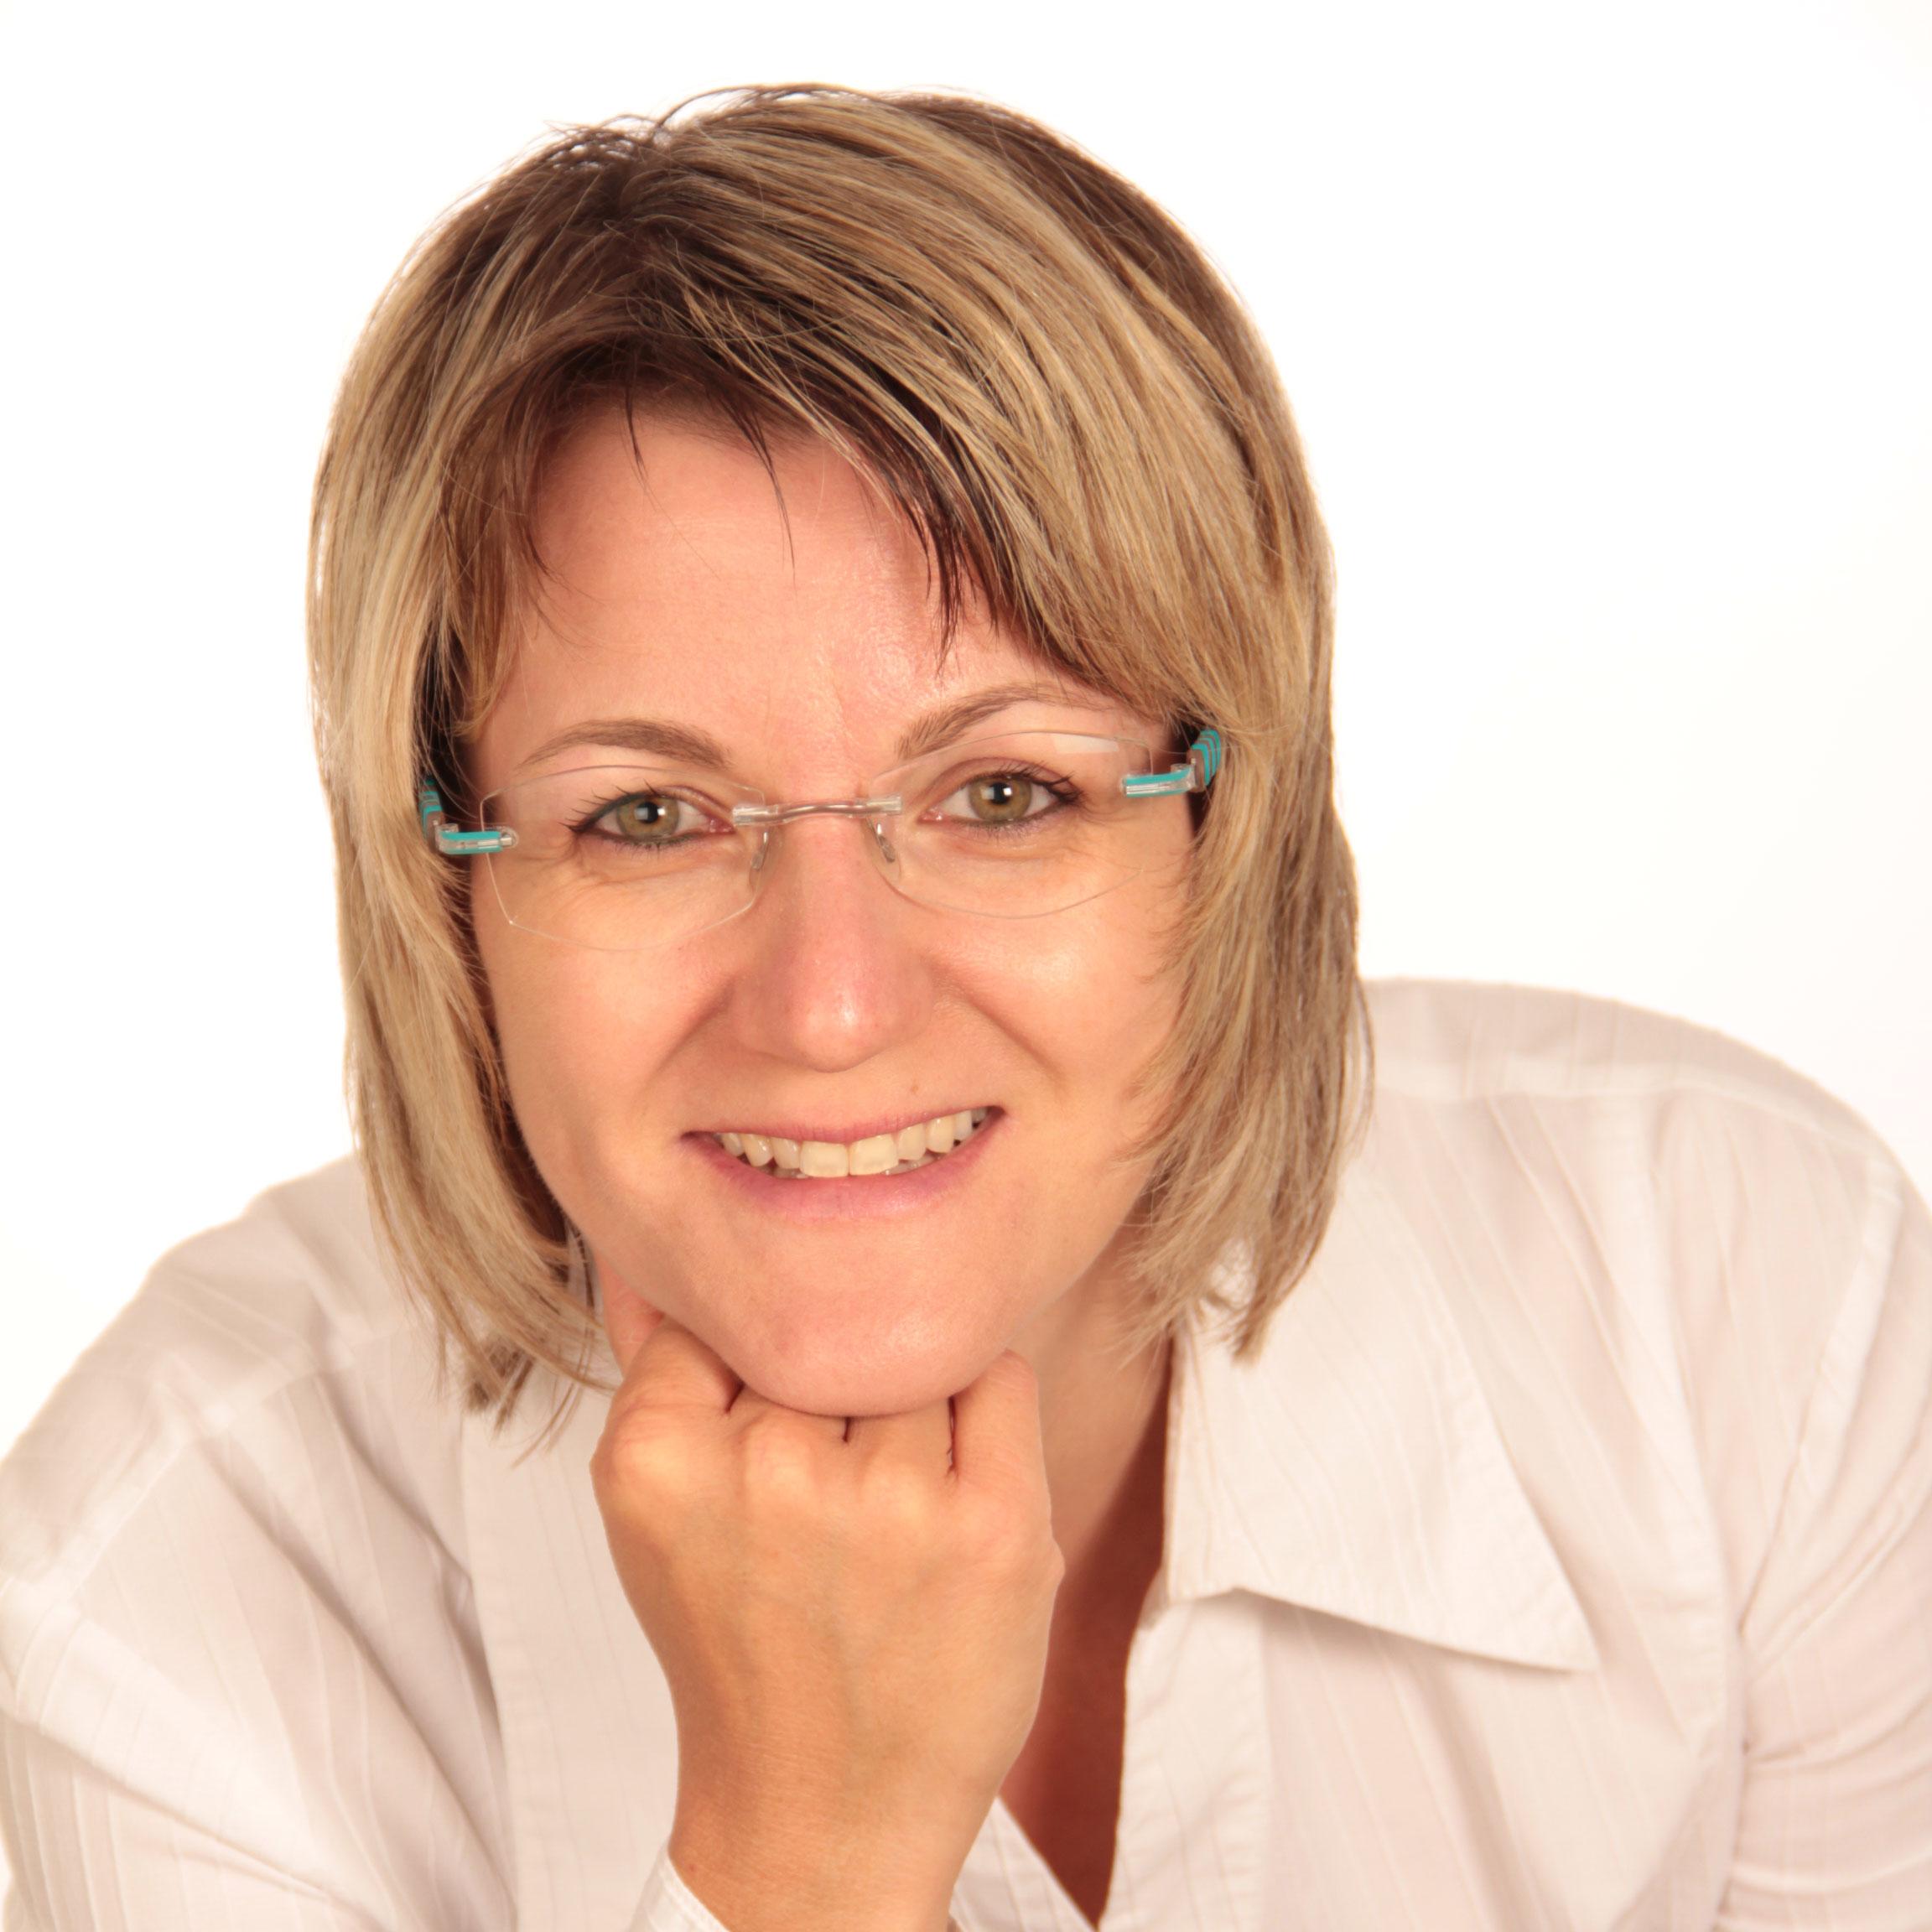 Anja Freiboth